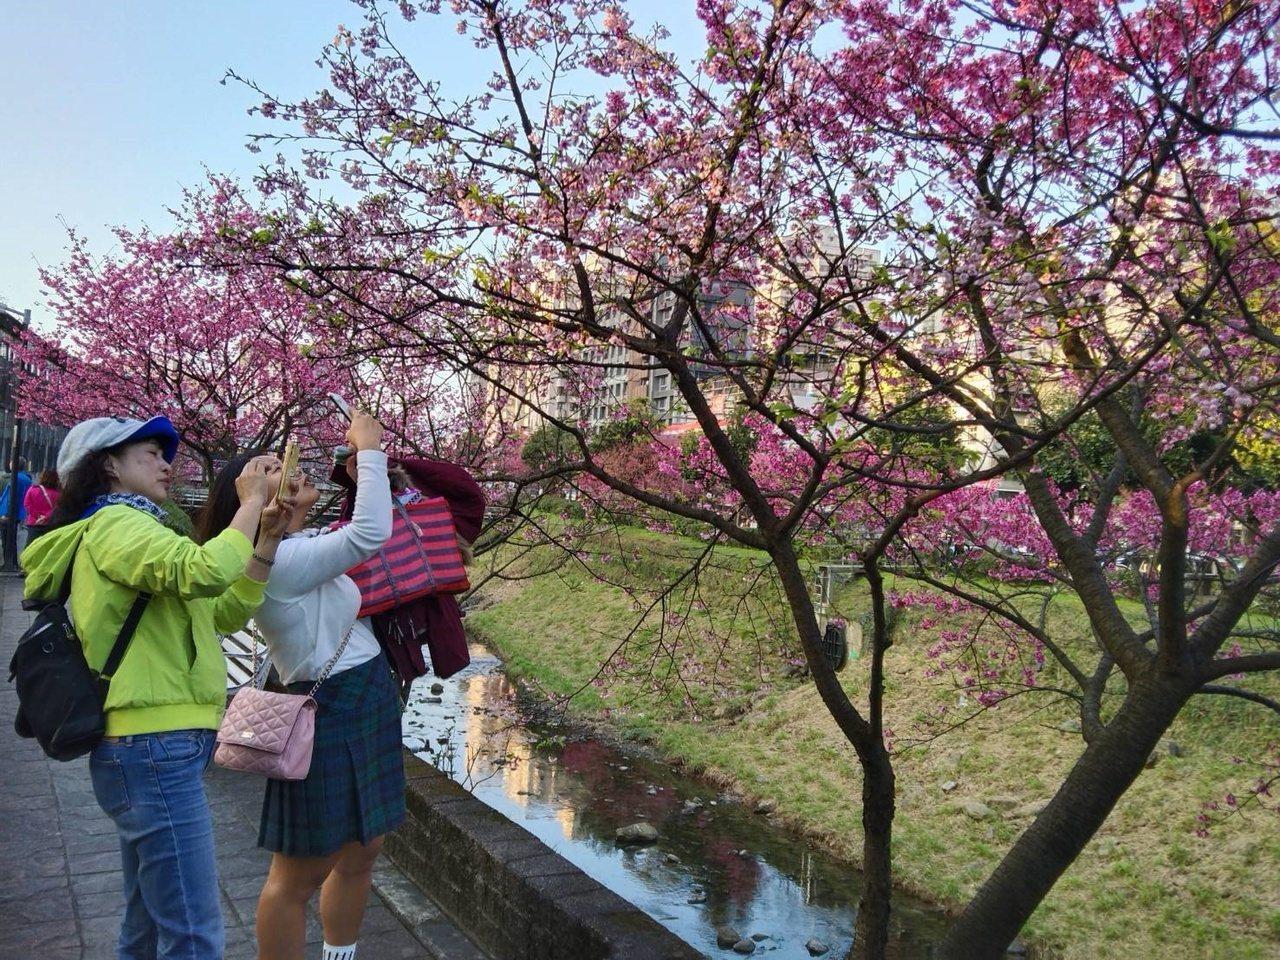 新北市汐止區康誥坑溪兩岸櫻花盛開,吸引許多遊客專程前往賞櫻、拍照和打卡。 圖/邱...